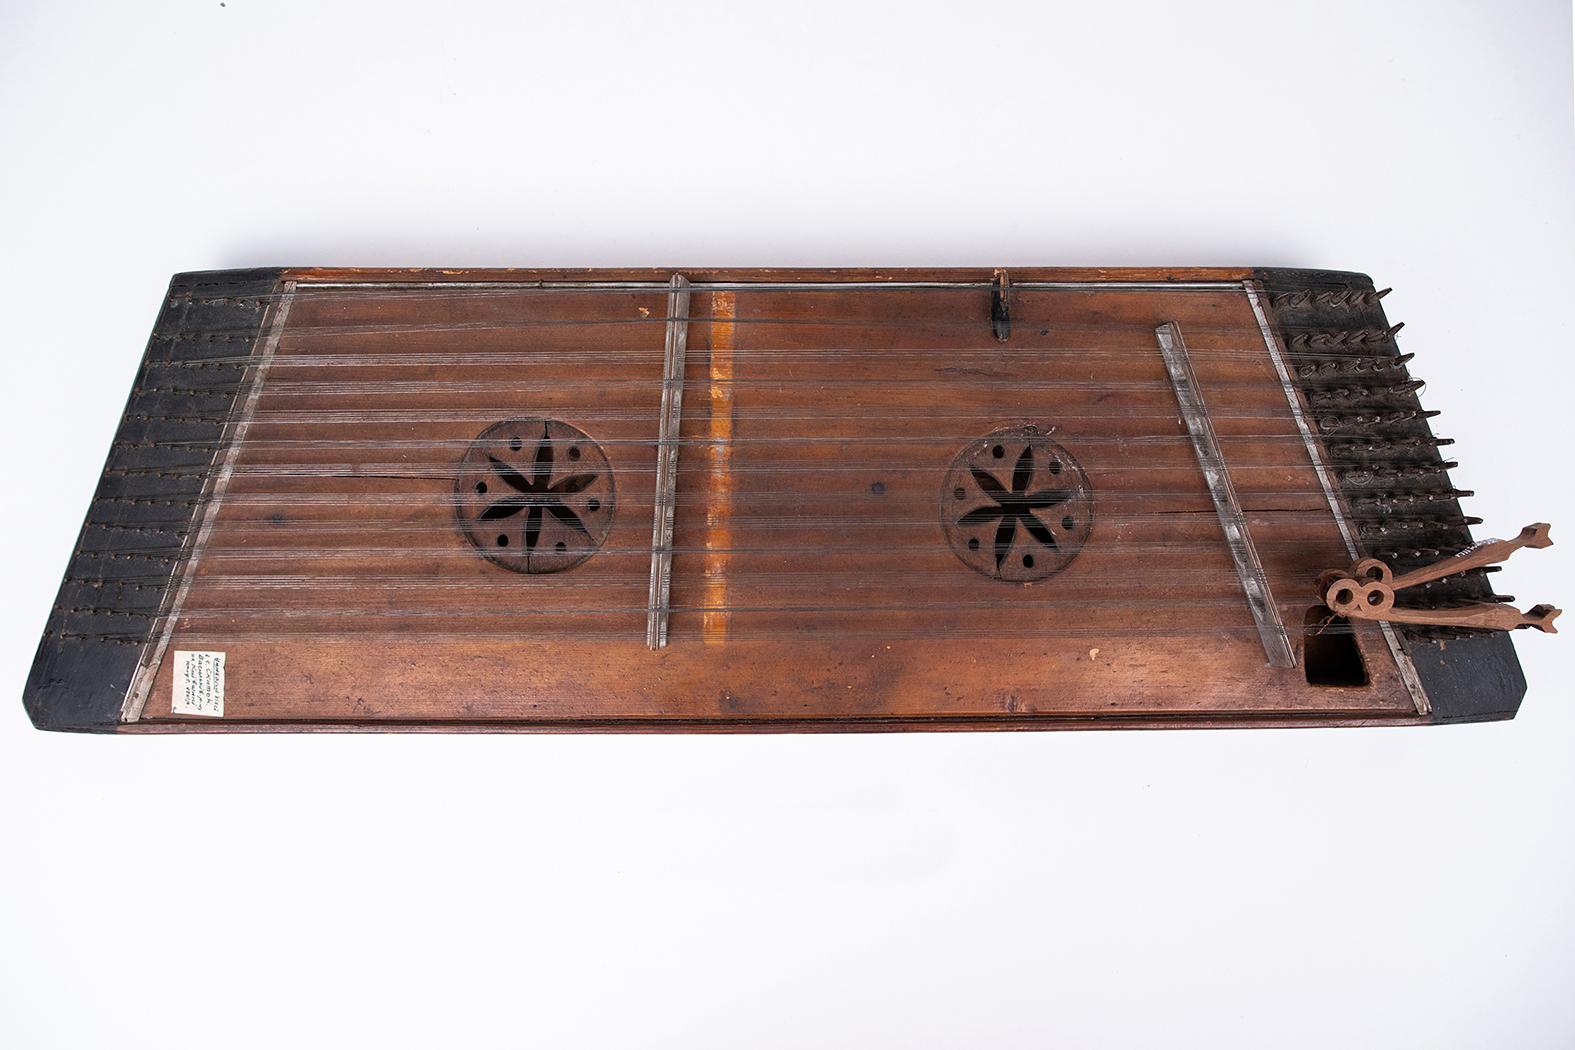 Старовинний струнний музичний інструмент, що має дерев'яний корпус і металеві струни, на яких грають, вдаряючи молоточками або дерев'яними паличками.